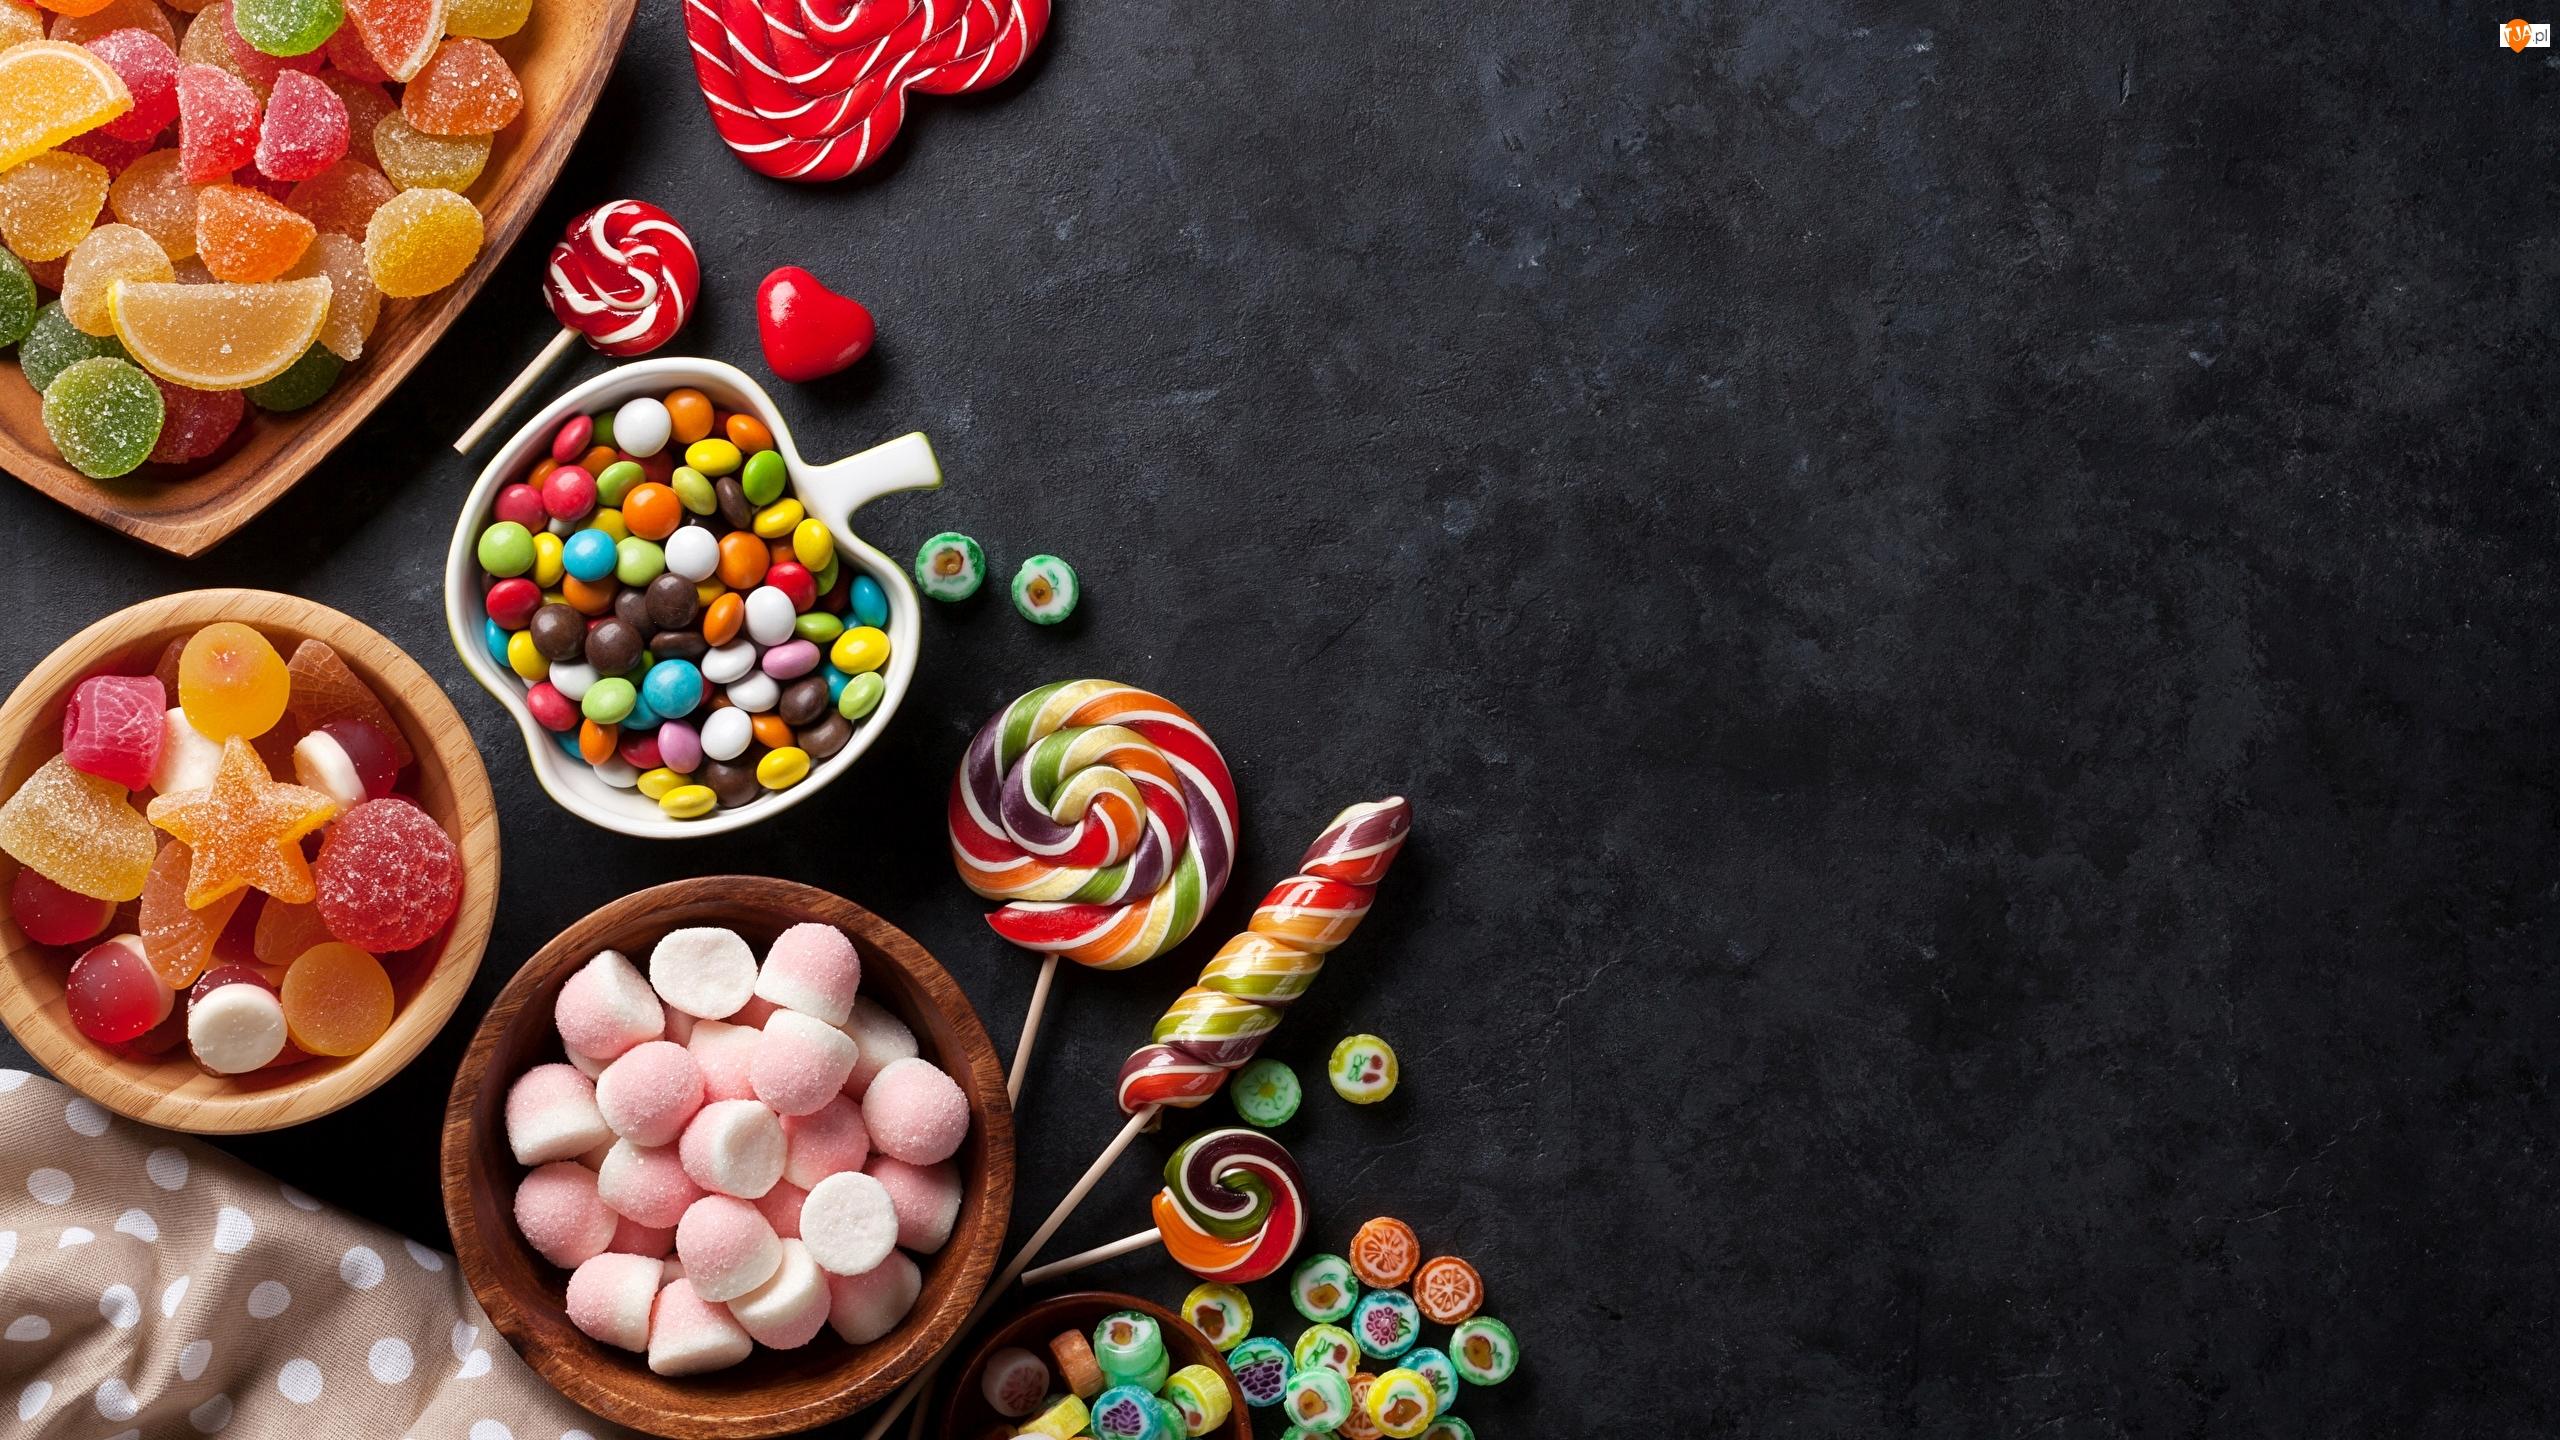 Cukierki, Galaretki, Żelki, Słodycze, Lizaki